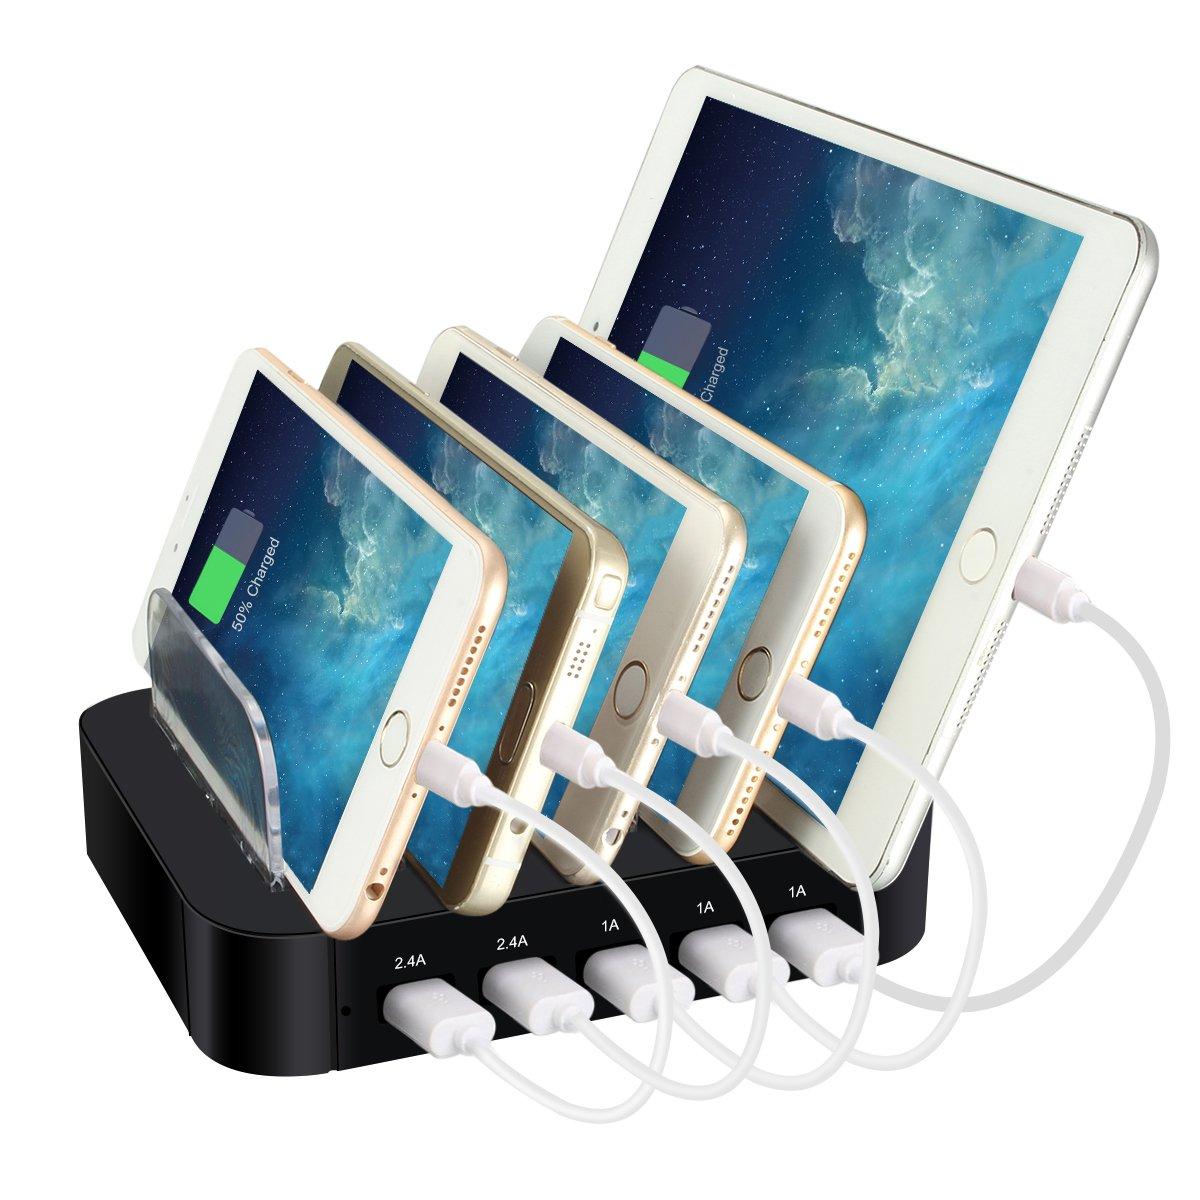 ELEGIANT Multi Device Charging Station, 5 Ports USB Charger Plug Desktop Charging Stand USB Outlet Docking Station